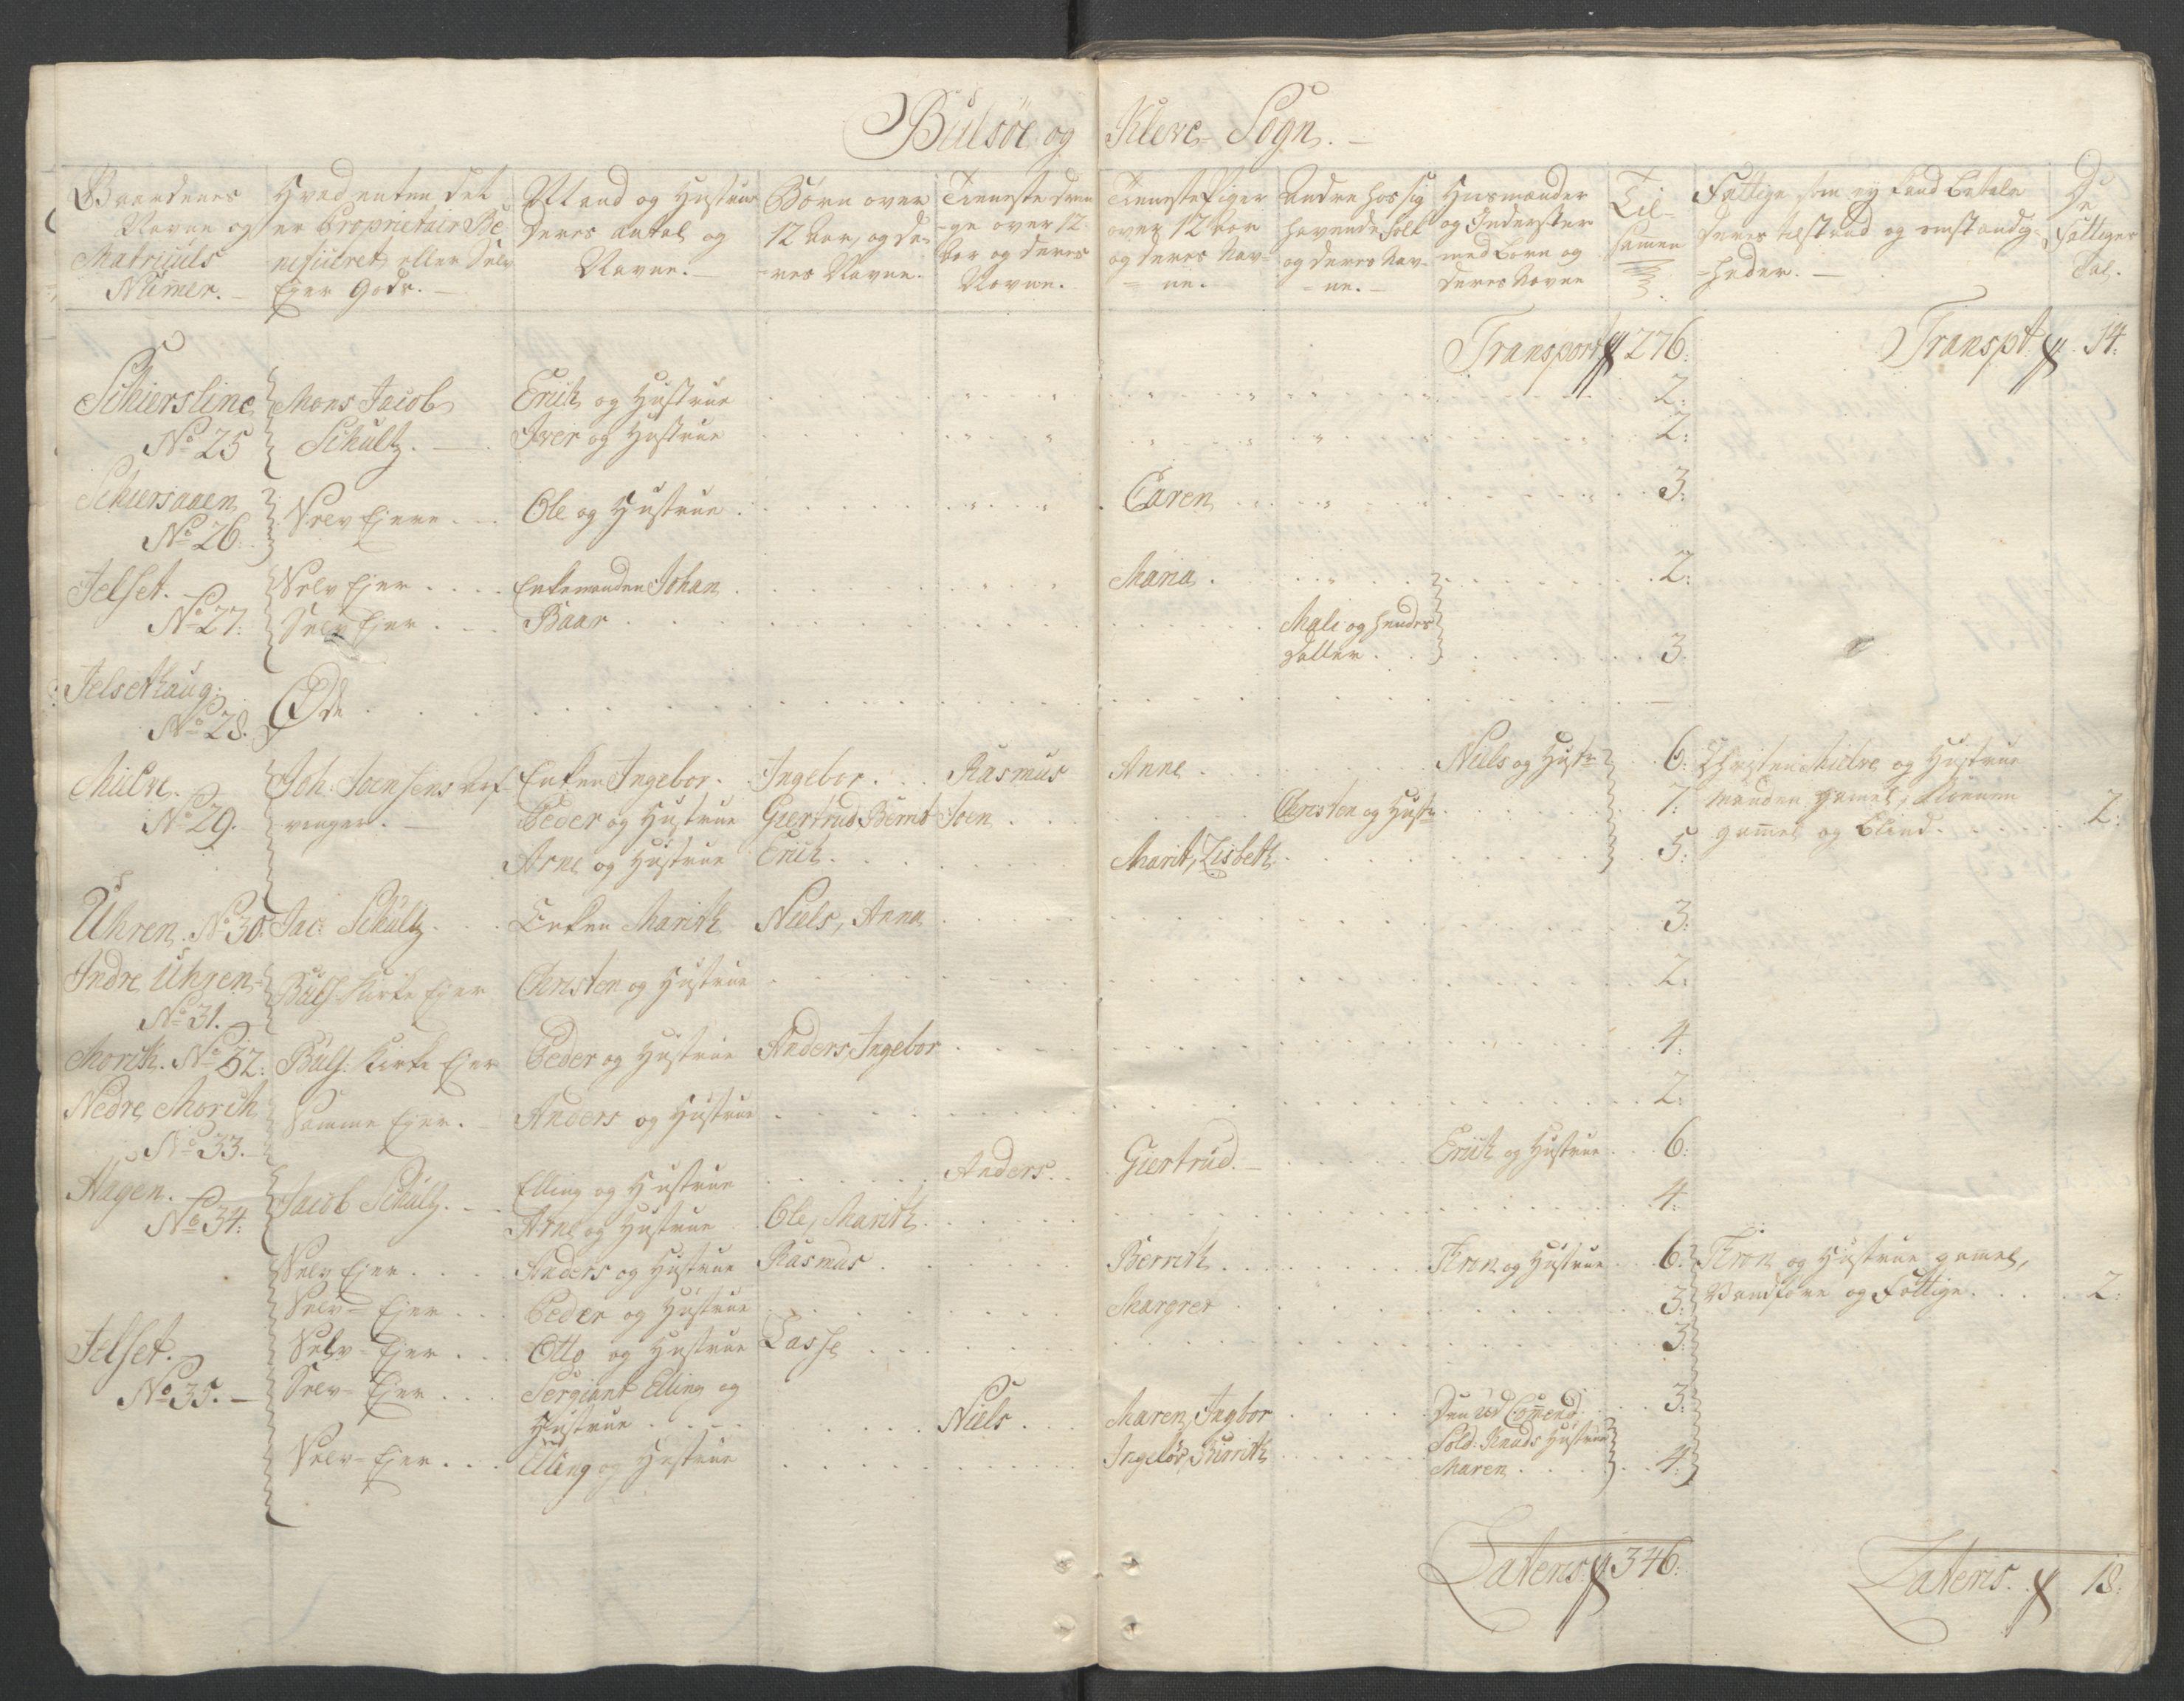 RA, Rentekammeret inntil 1814, Reviderte regnskaper, Fogderegnskap, R55/L3730: Ekstraskatten Romsdal, 1762-1763, s. 17